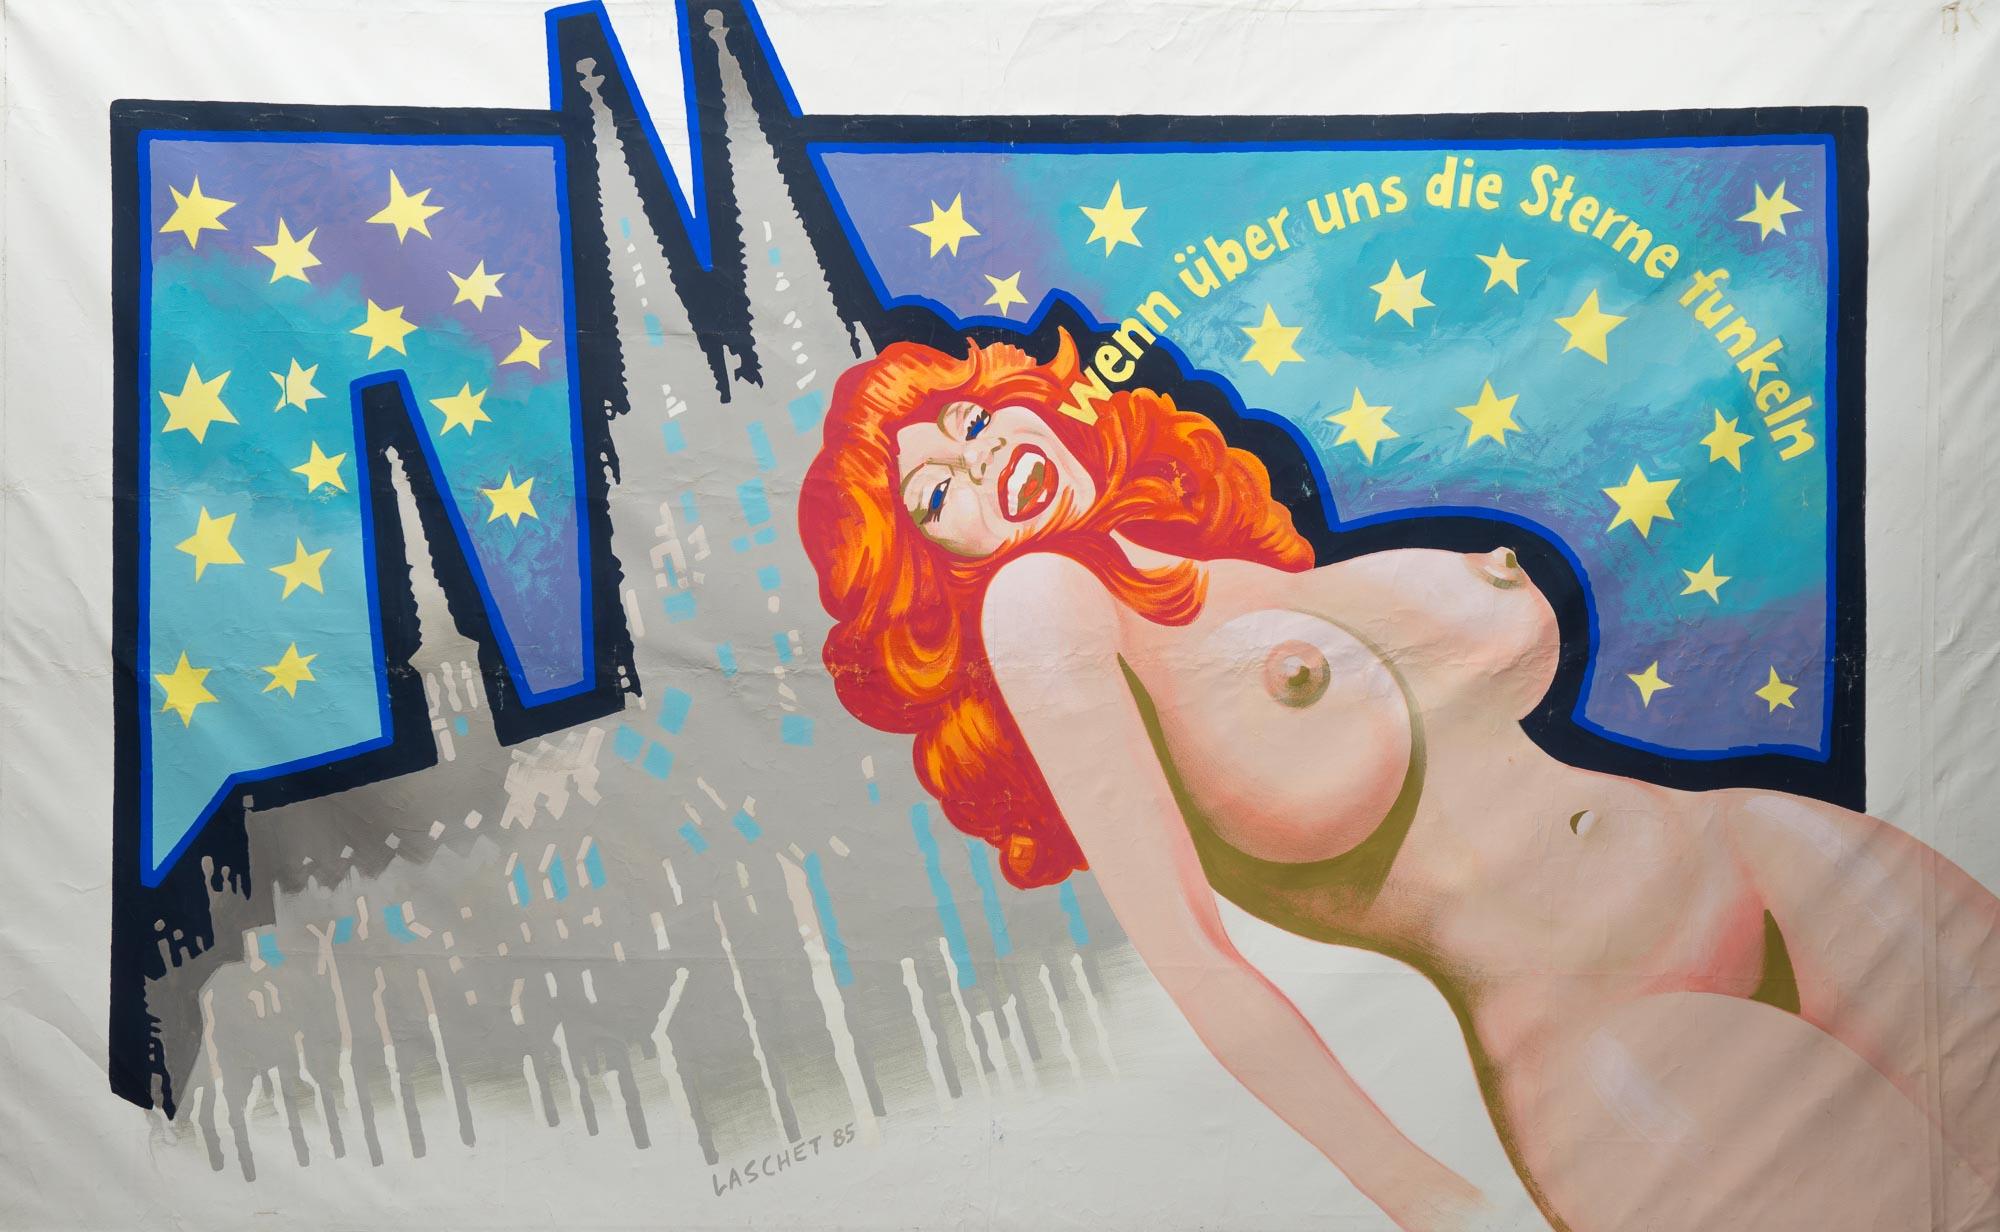 - Wenn über uns die Sterne funkelnTempera auf Leinwand, 1985, 380 x 236 cm